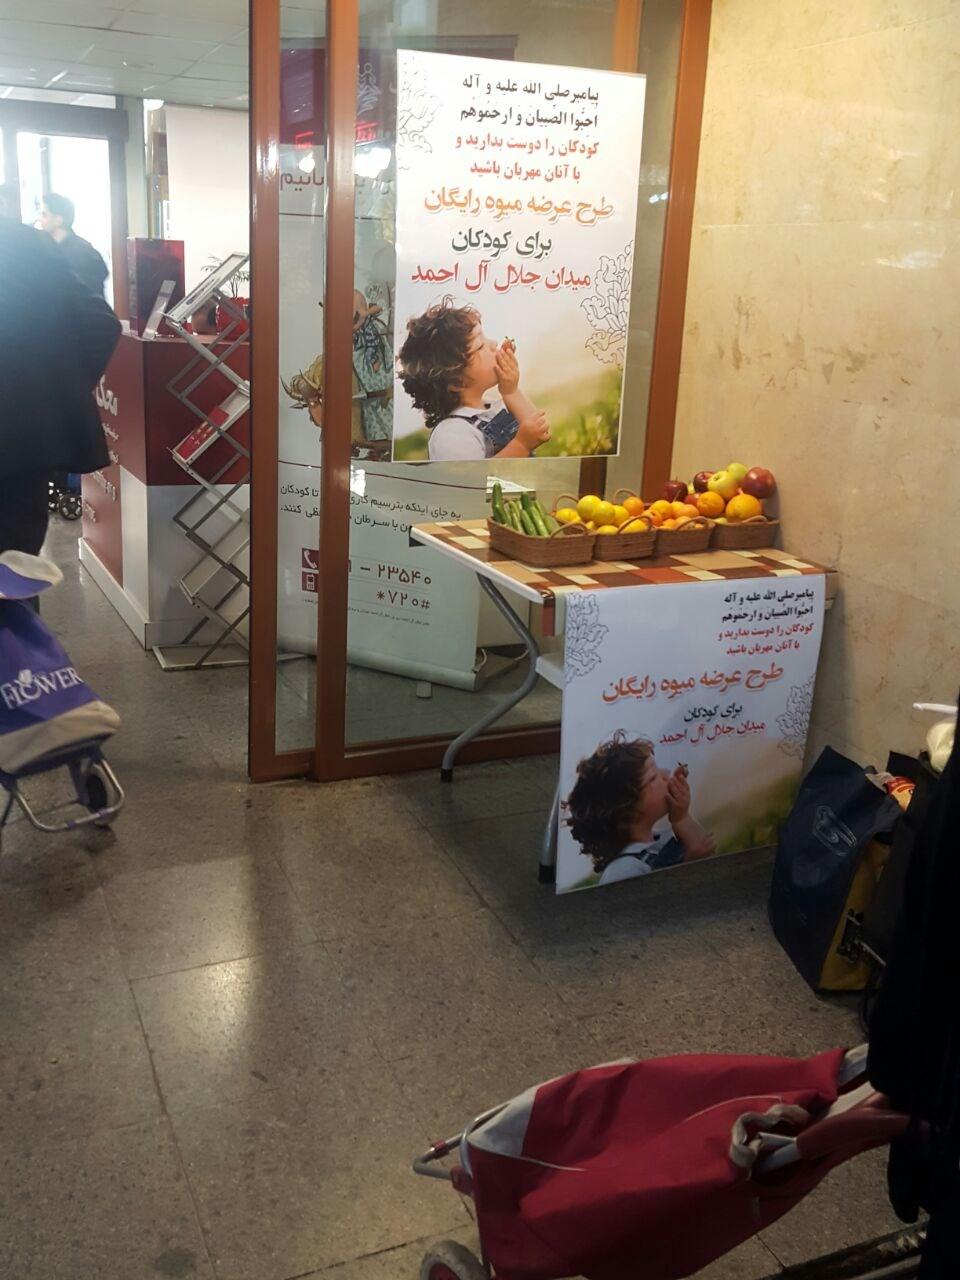 عکس/ حرکتی زیبا و جالب در یکی از میادین میوه و تره بار تهران